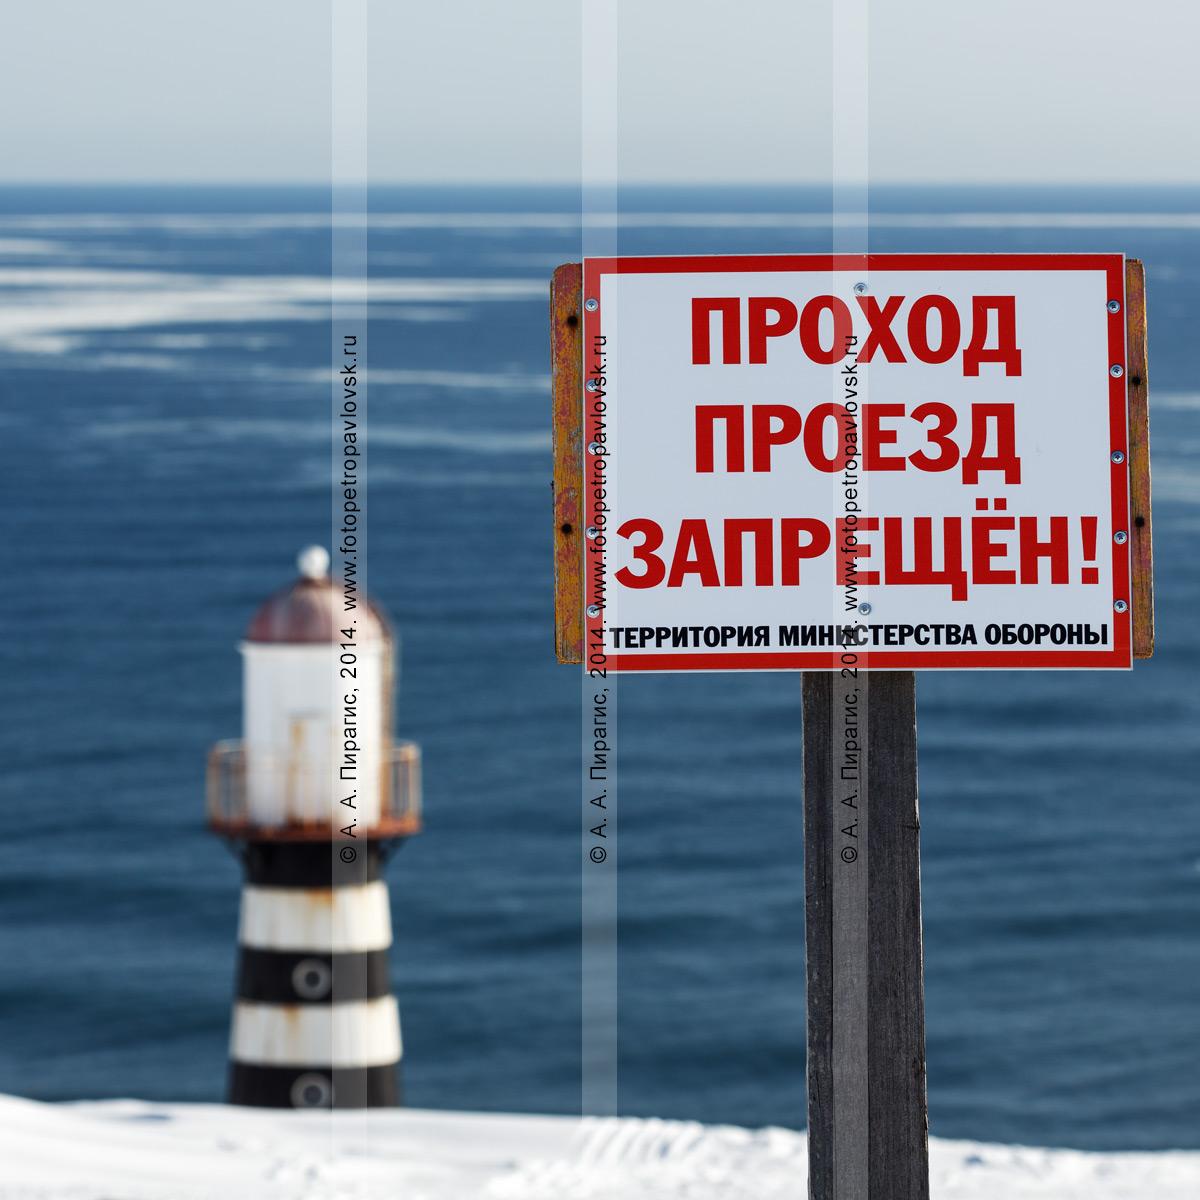 """Фотография: табличка """"Проход, проезд запрещен! Территория Министерства обороны"""" на фоне Петропавловского маяка на берегу Тихого океана. Камчатка"""